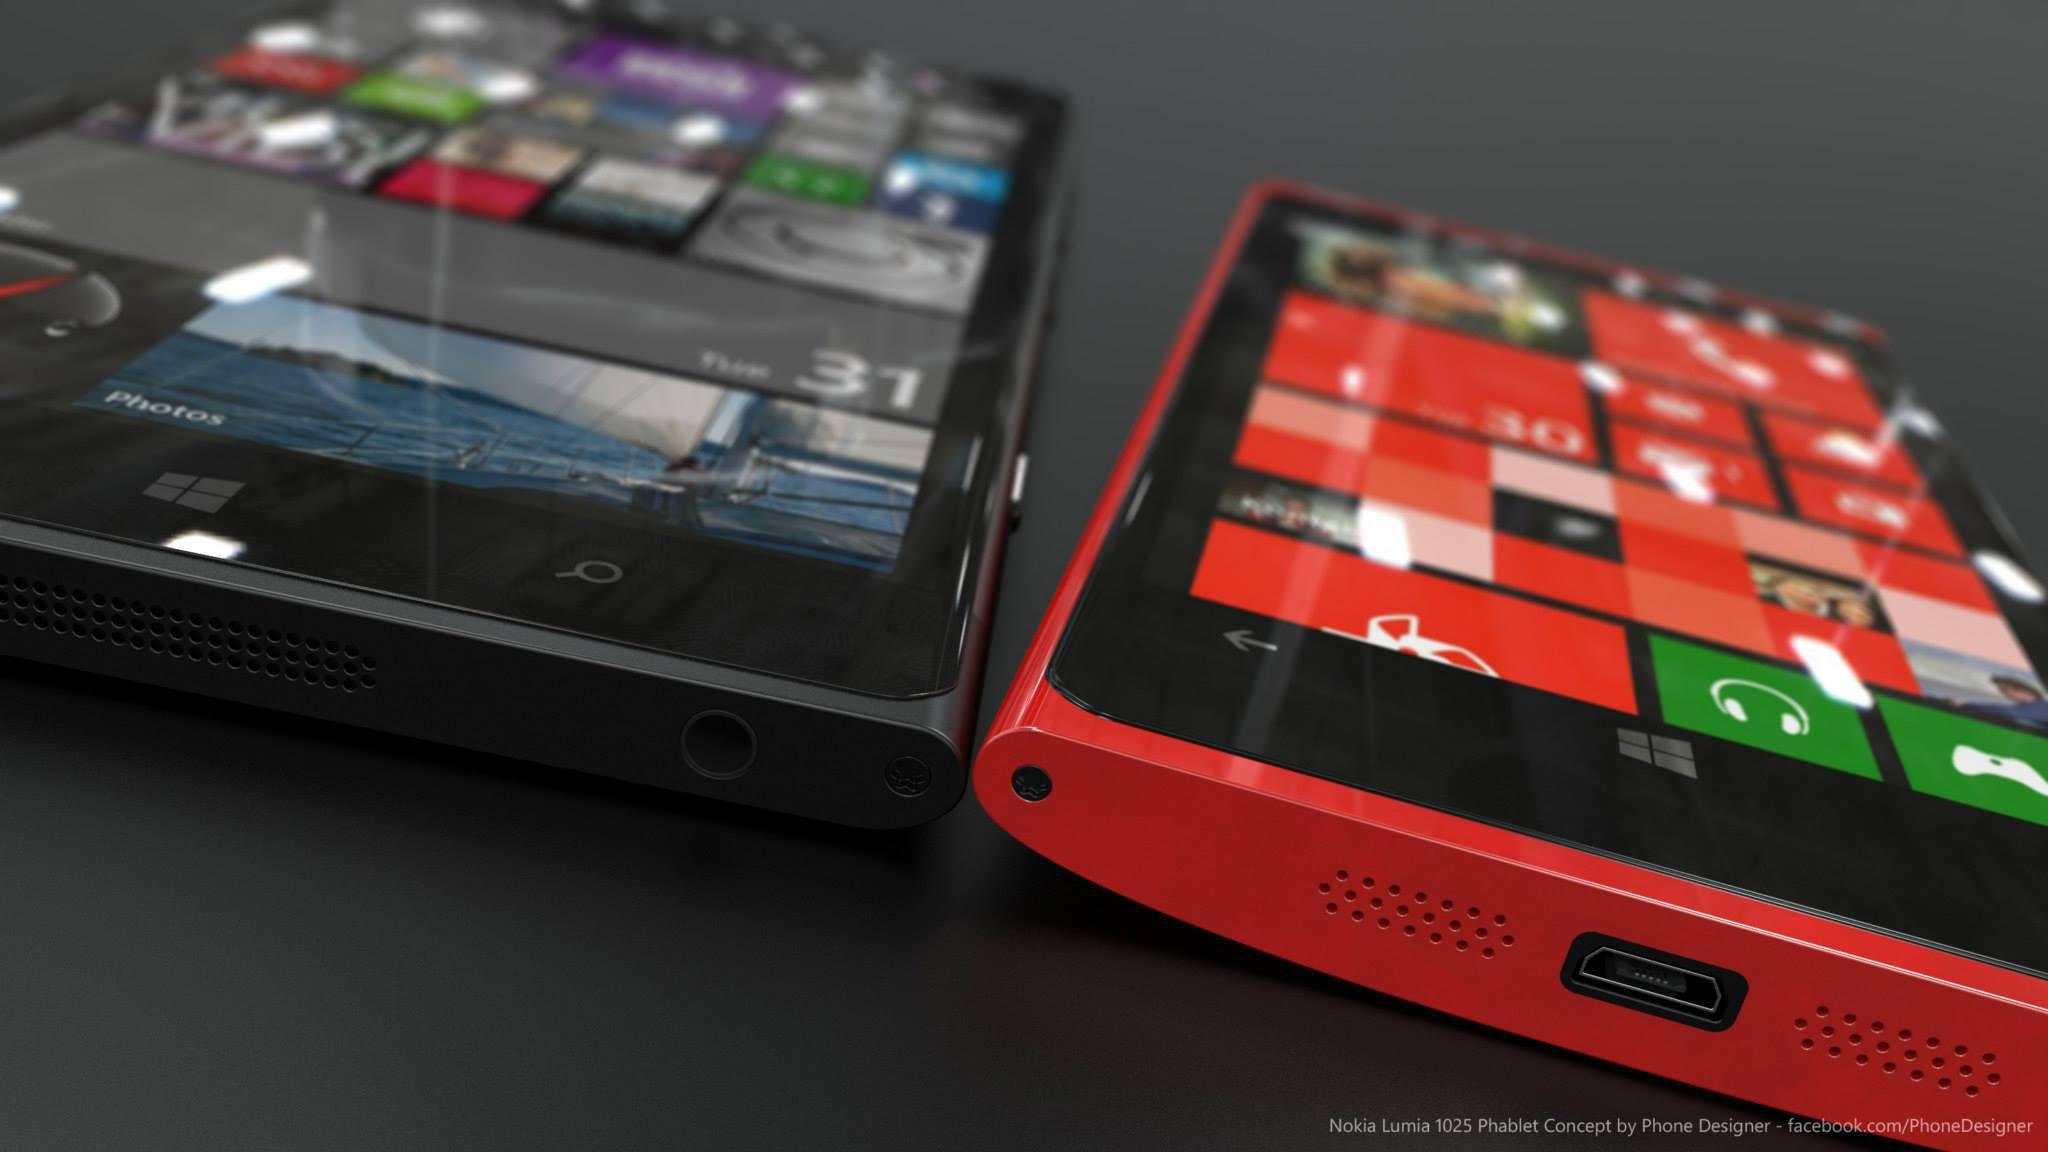 wallpaper nokia lumia 920 - photo #42